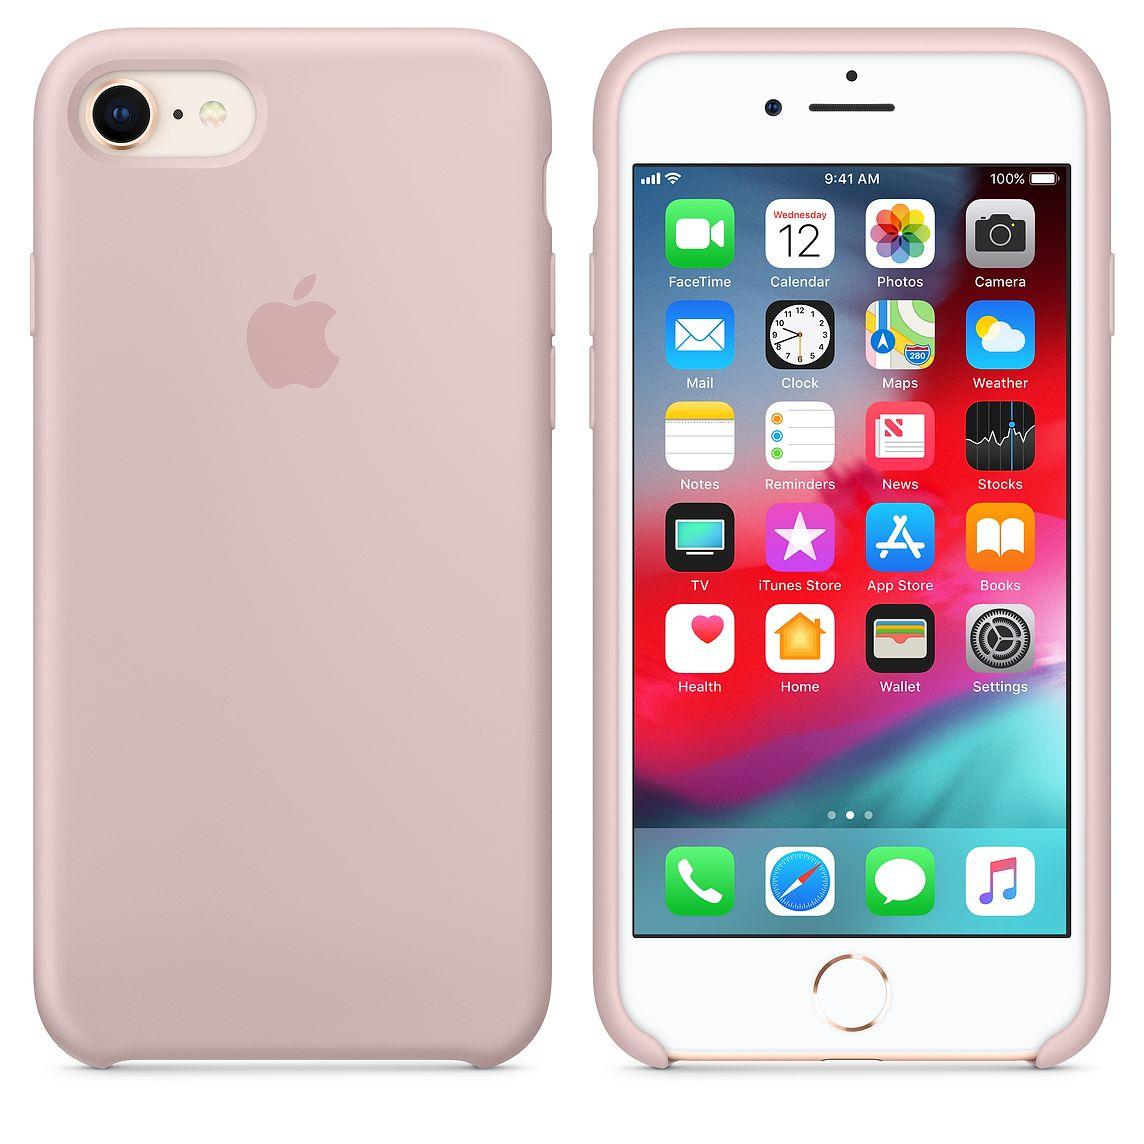 Apple silikónový obal pre iPhone 7 / 8 – Ružový 2